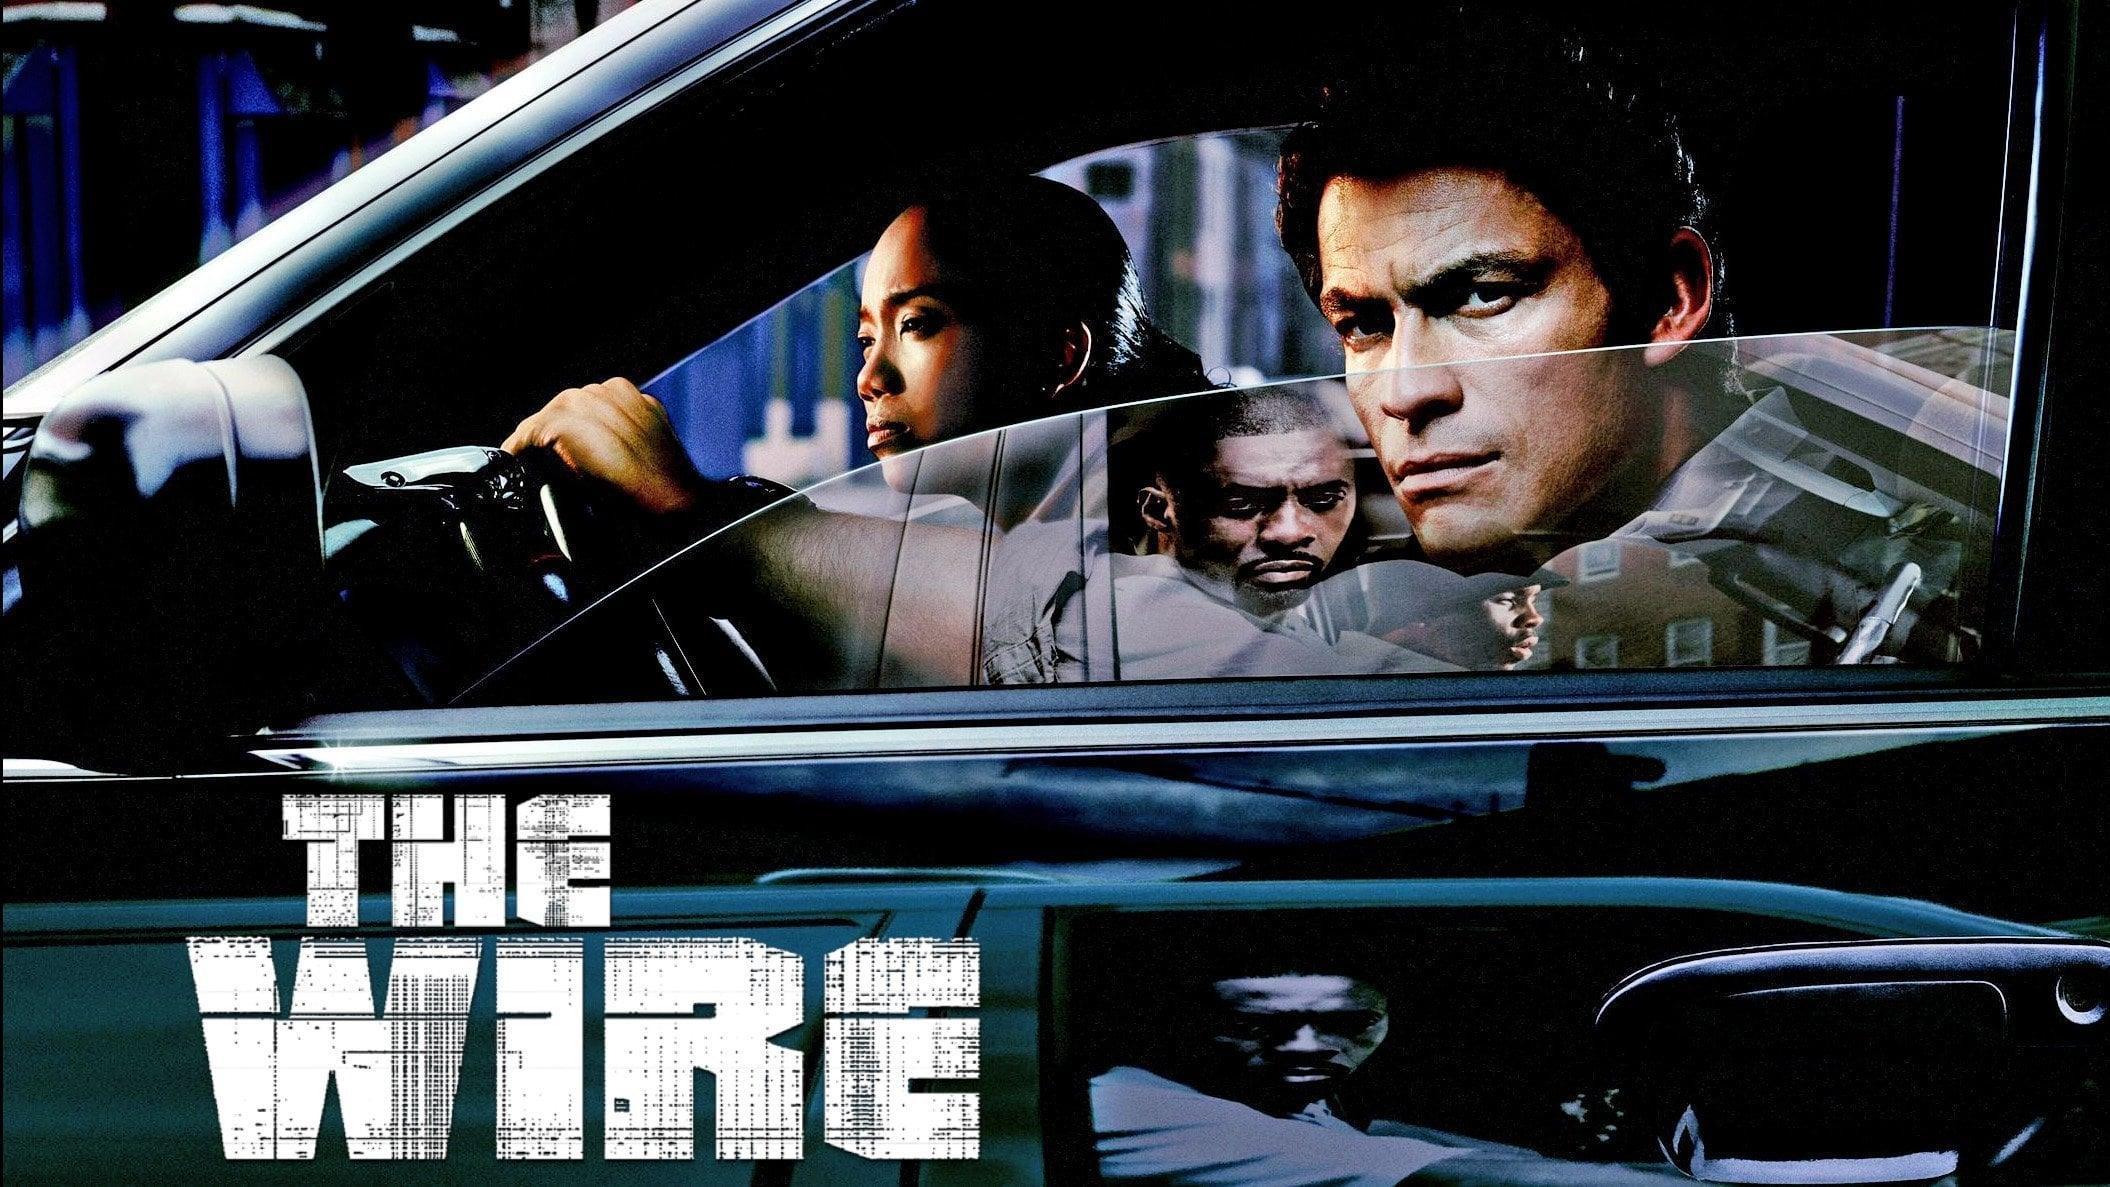 Maak kans op de complete serie van The Wire